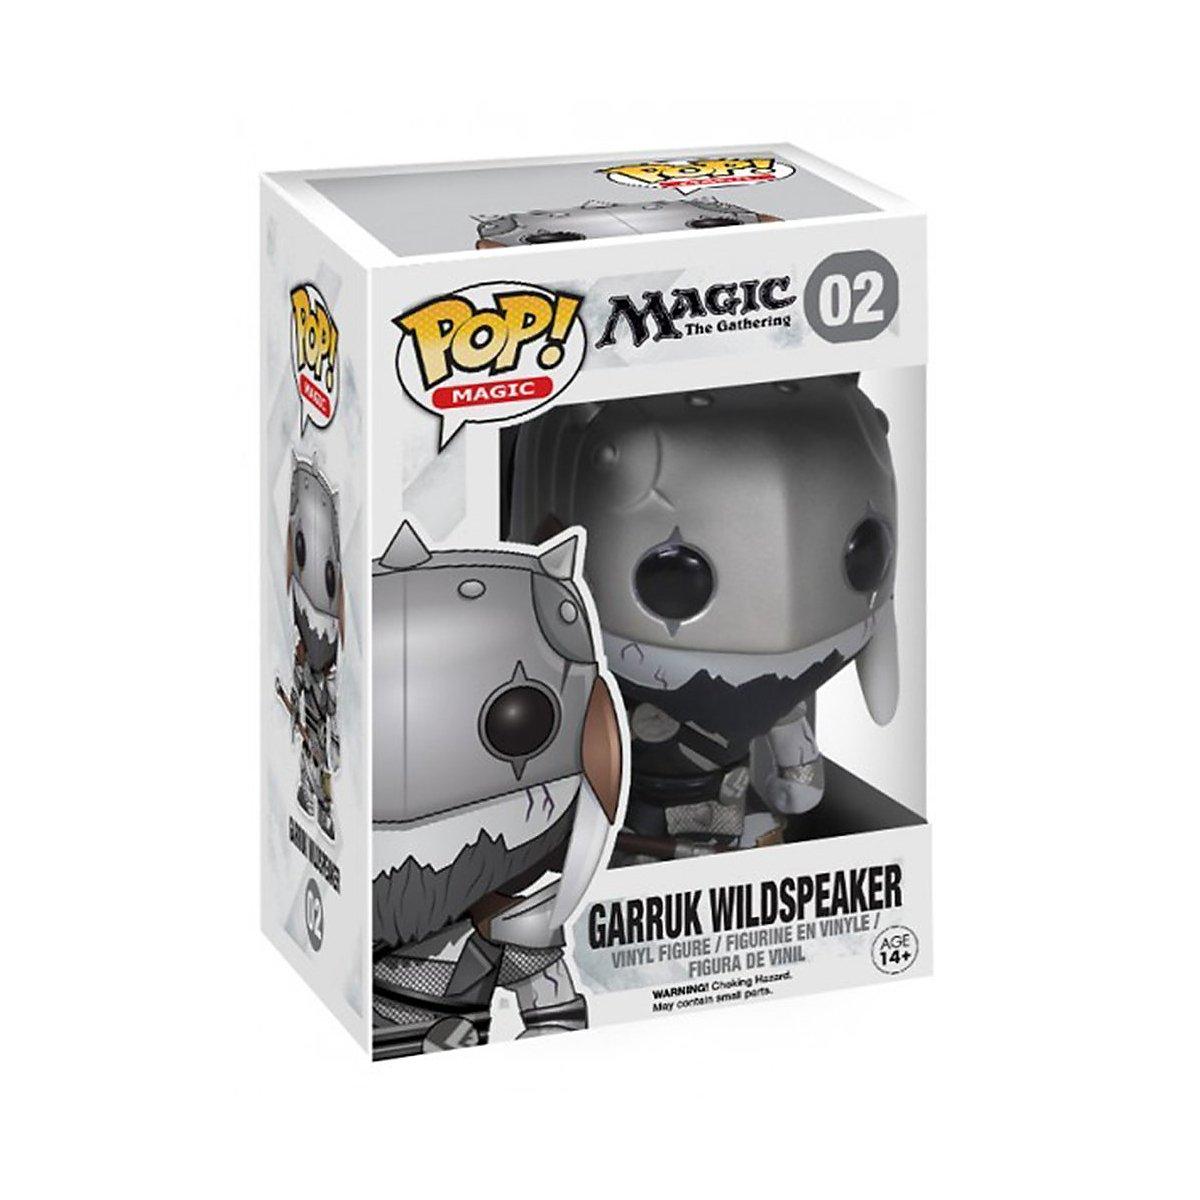 Funko Pop! MTG Garruk Wildspeaker